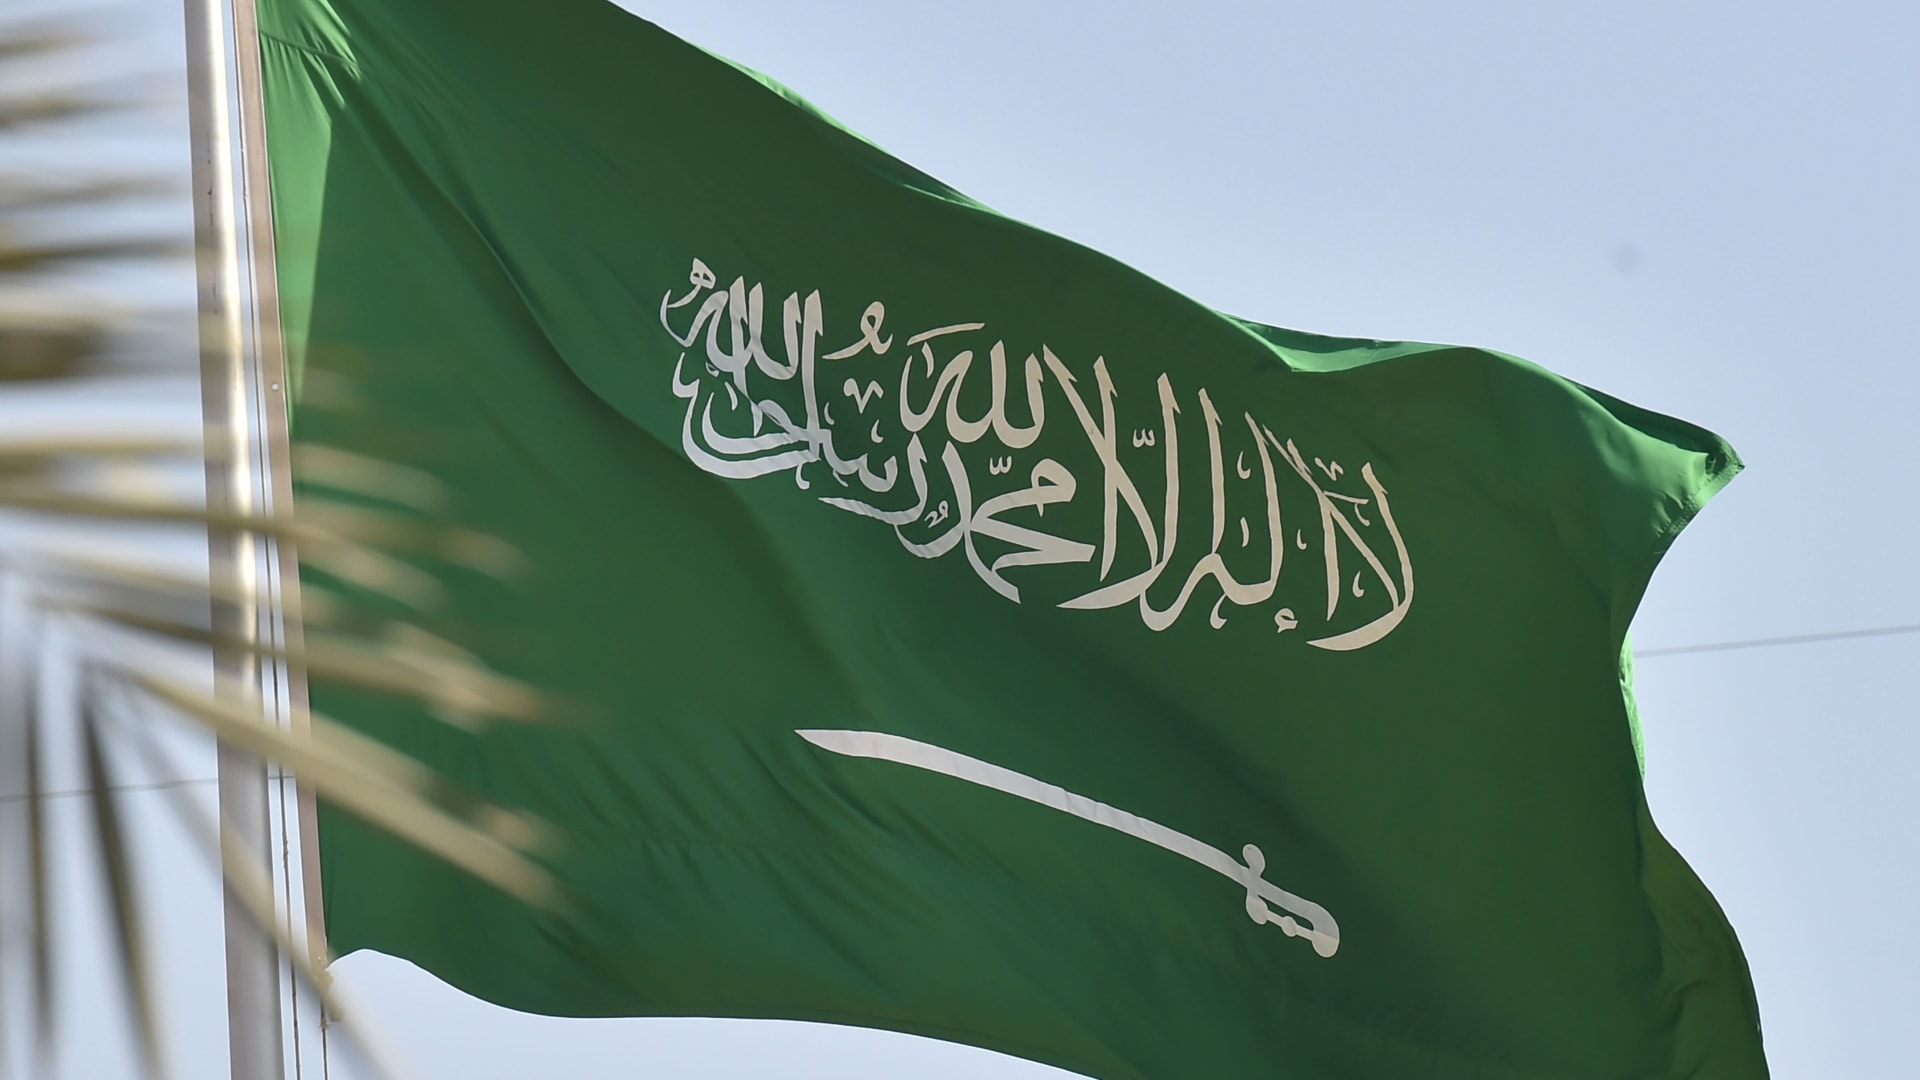 السعودية: القبض على 8 مقيمين بتهم انتحال صفة رجال أمن والسلب والاعتداء